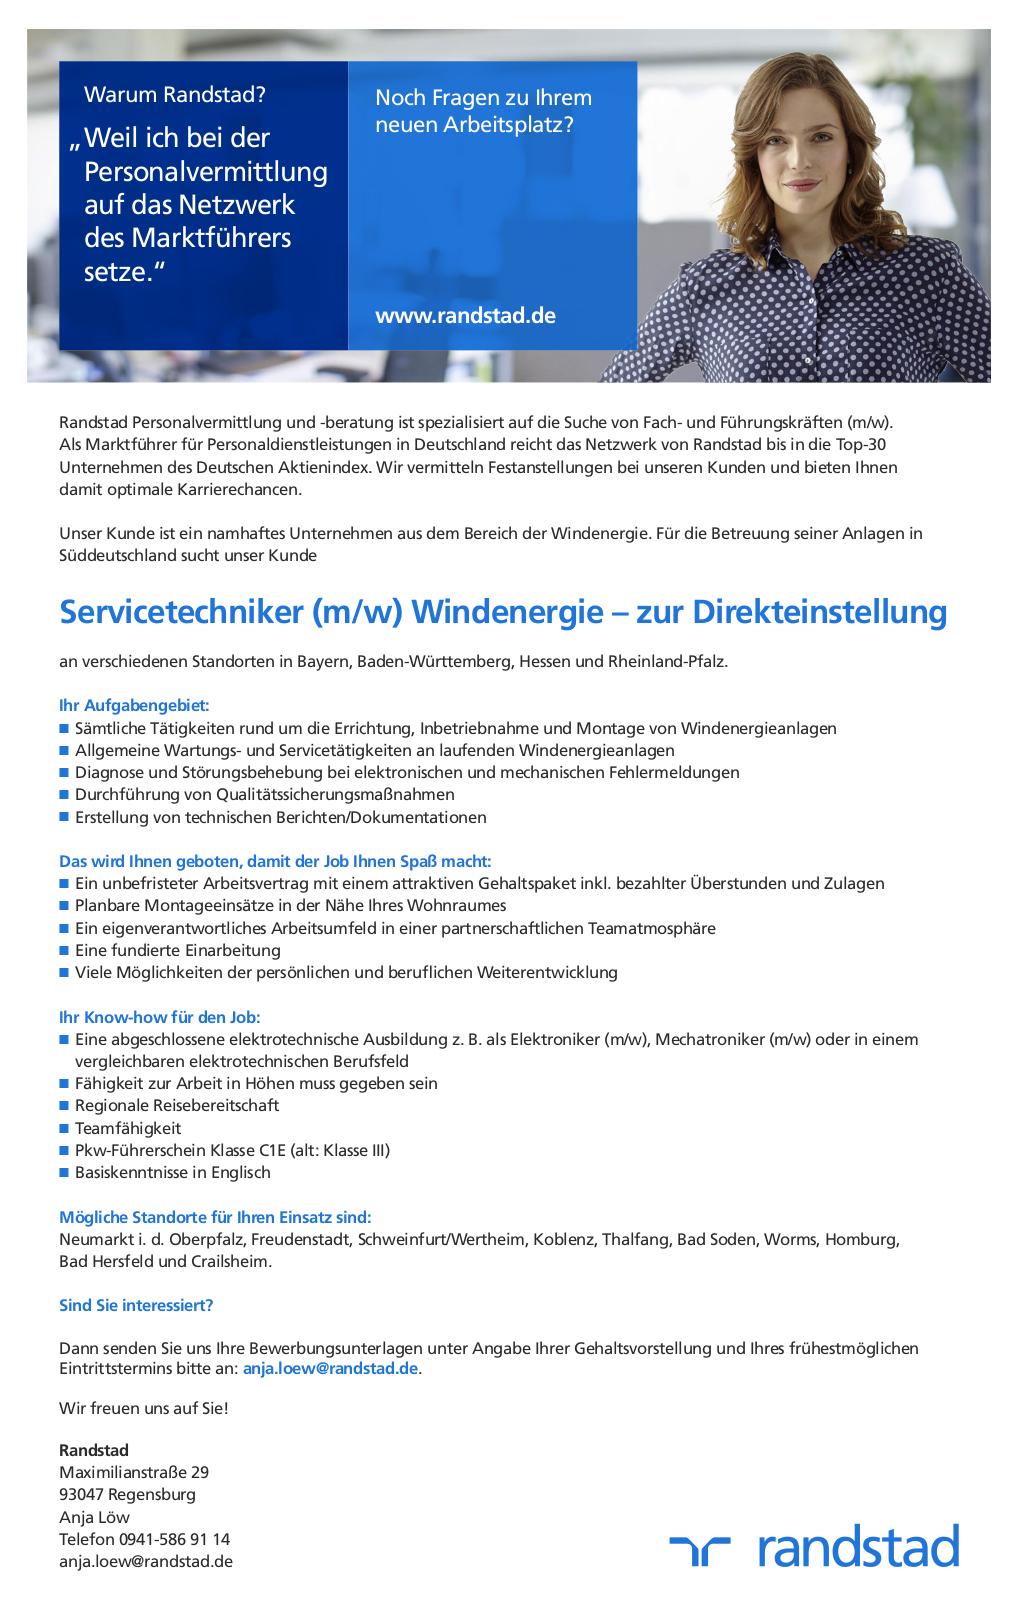 Servicetechniker Mw Windenergie Zur